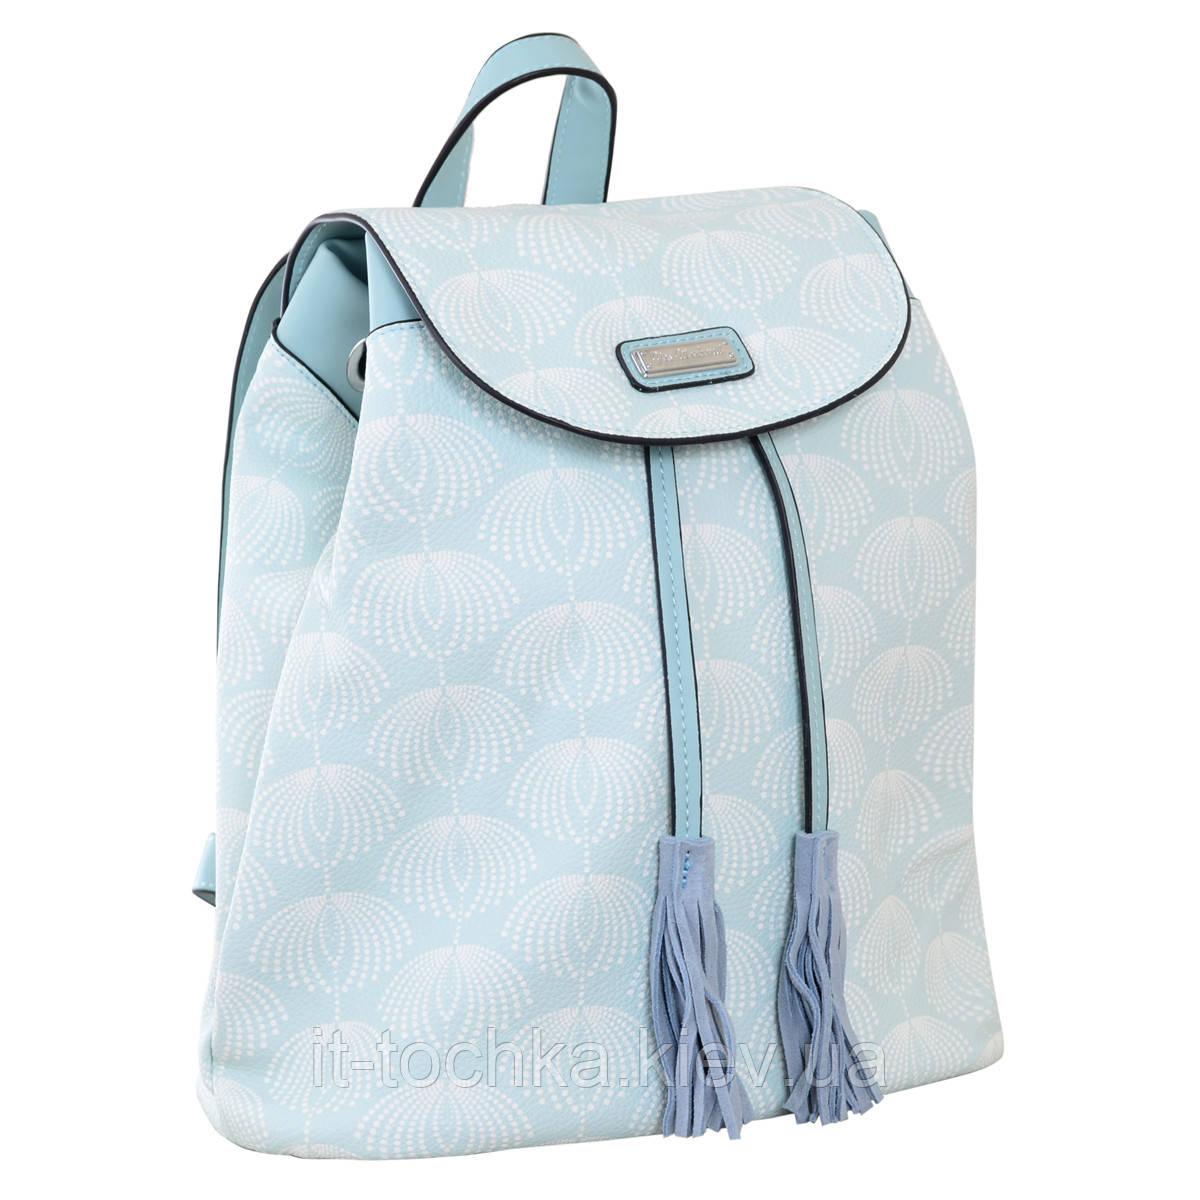 Рюкзак молодёжный yes yw-25, 17*28.5*15, серо-голубой yes weekend 555872